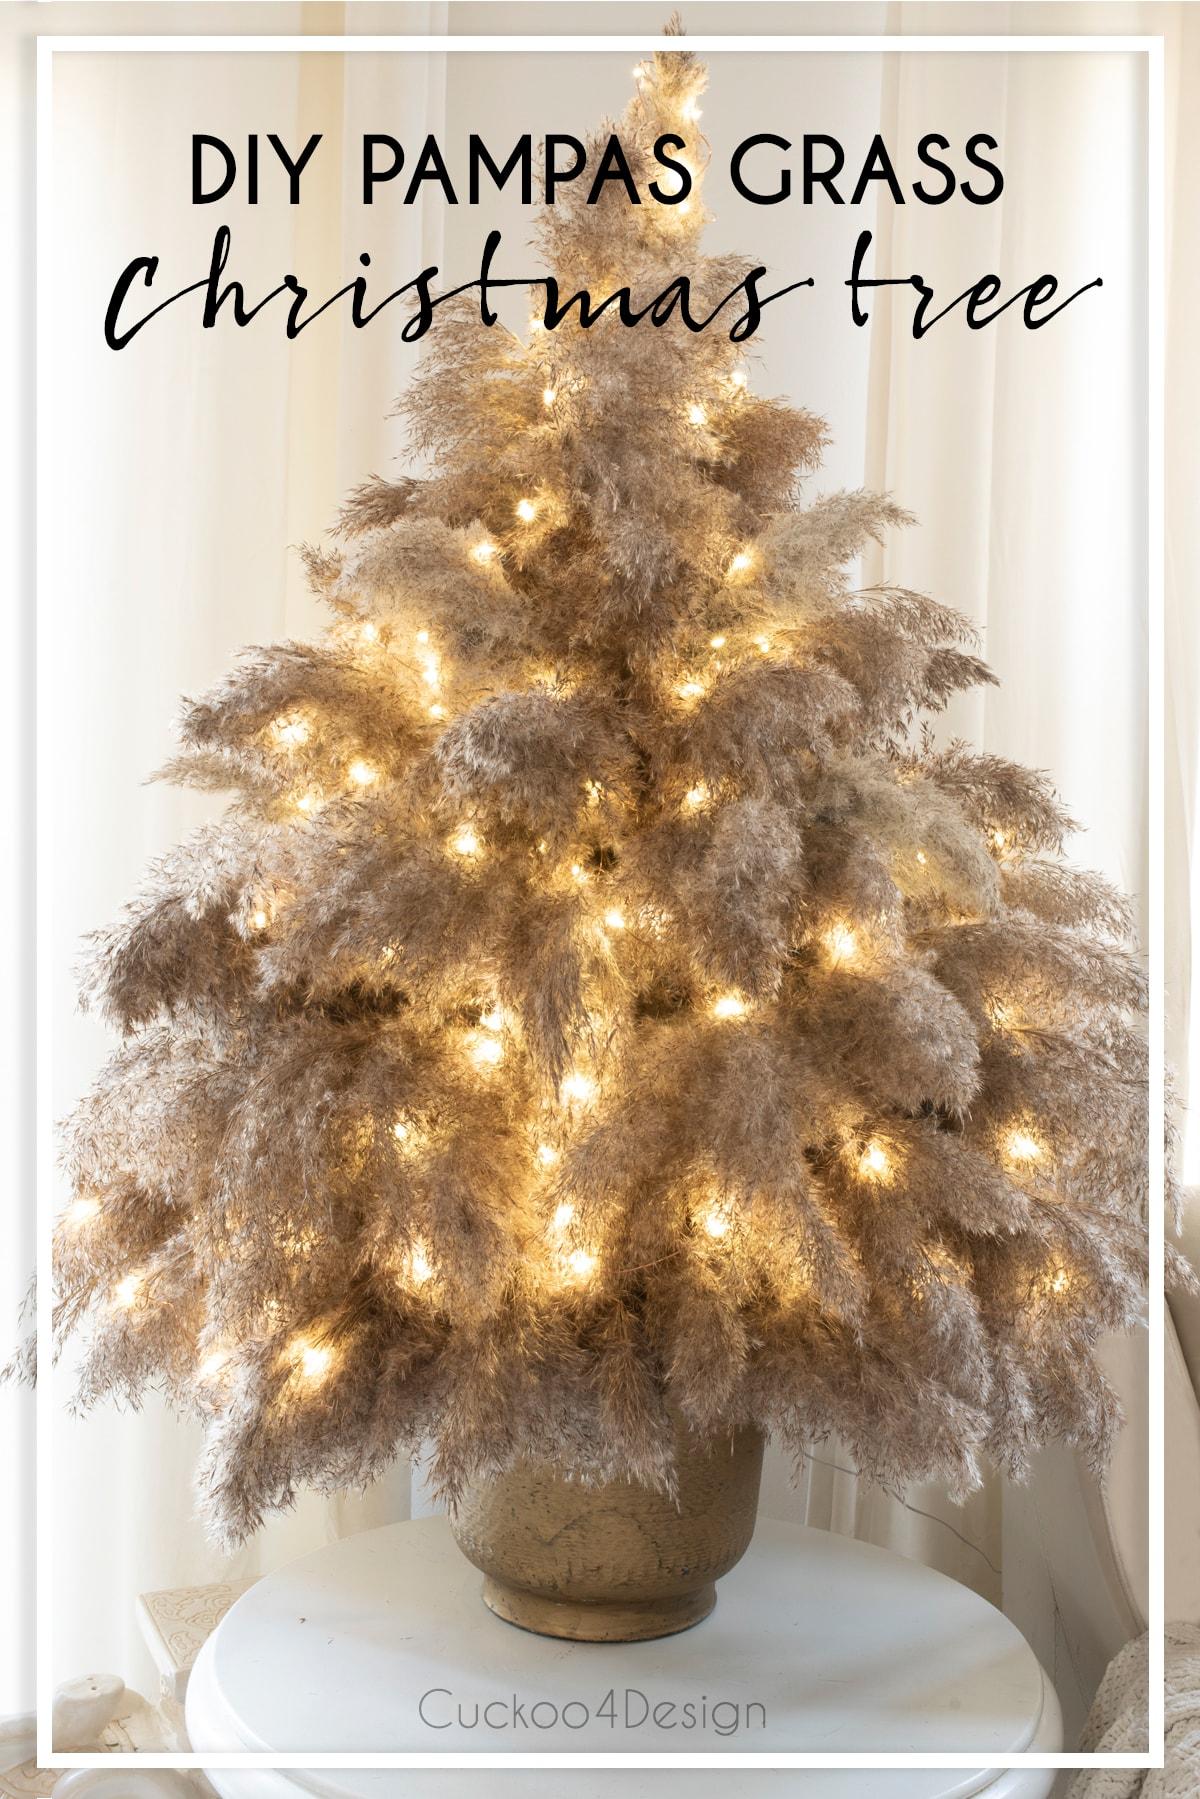 DIY pampas grass Christmas tree tutorial